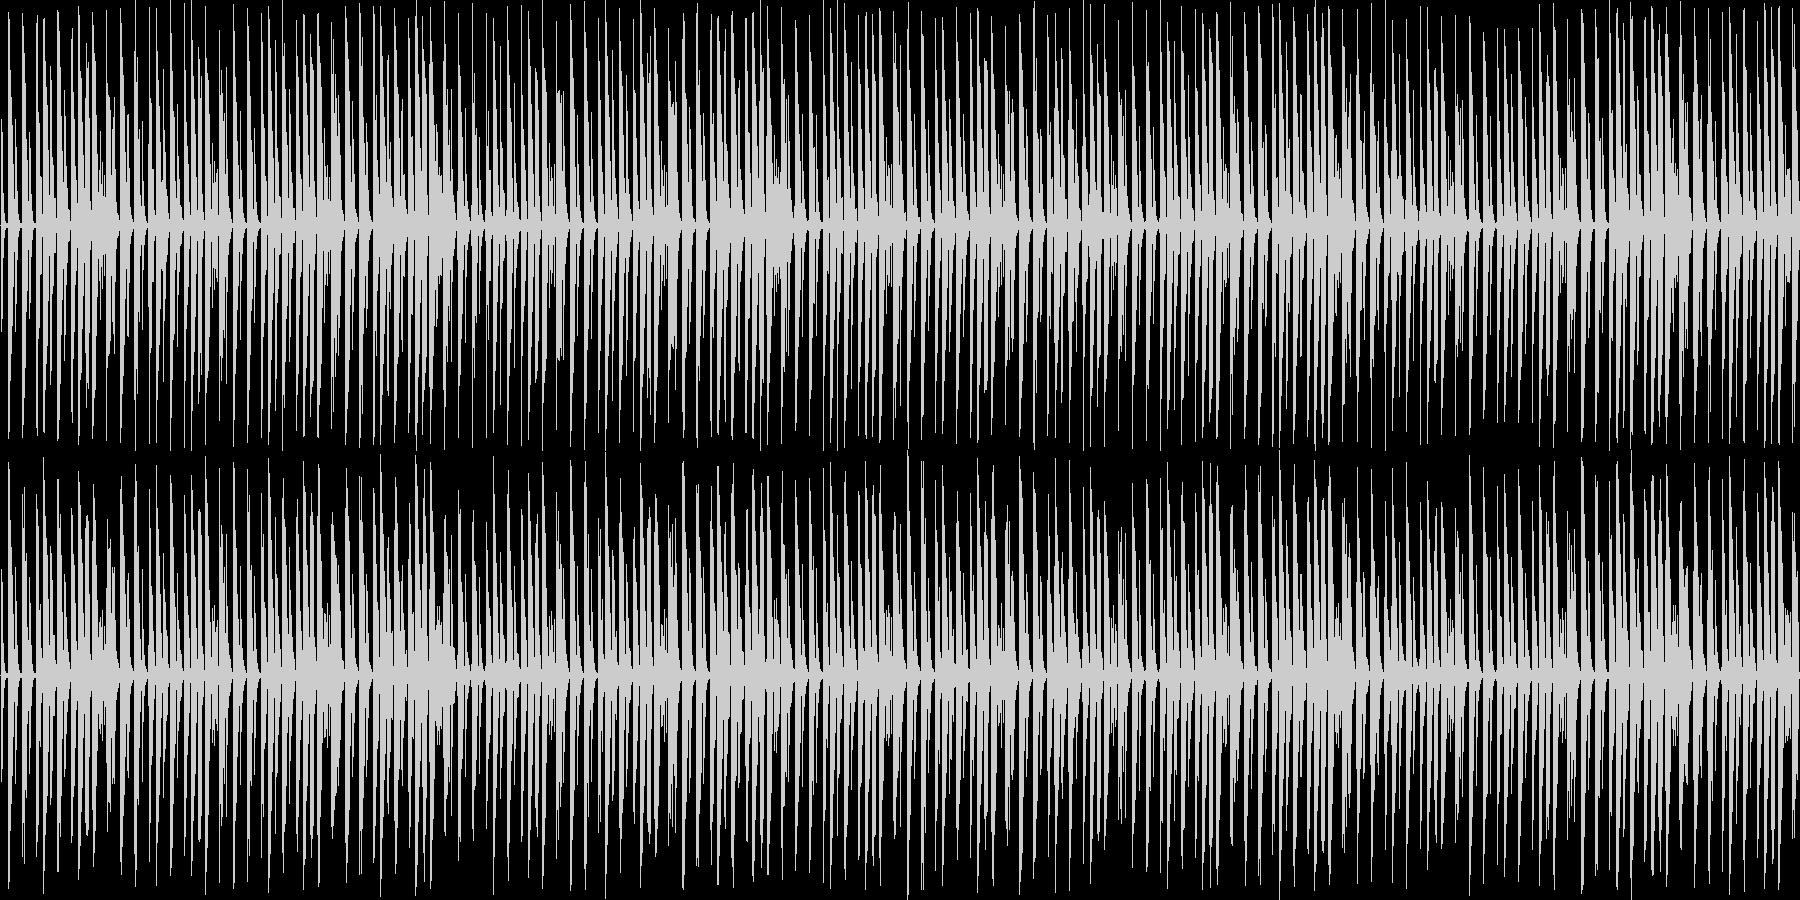 【サスペンスものなどに不穏なBGM】の未再生の波形